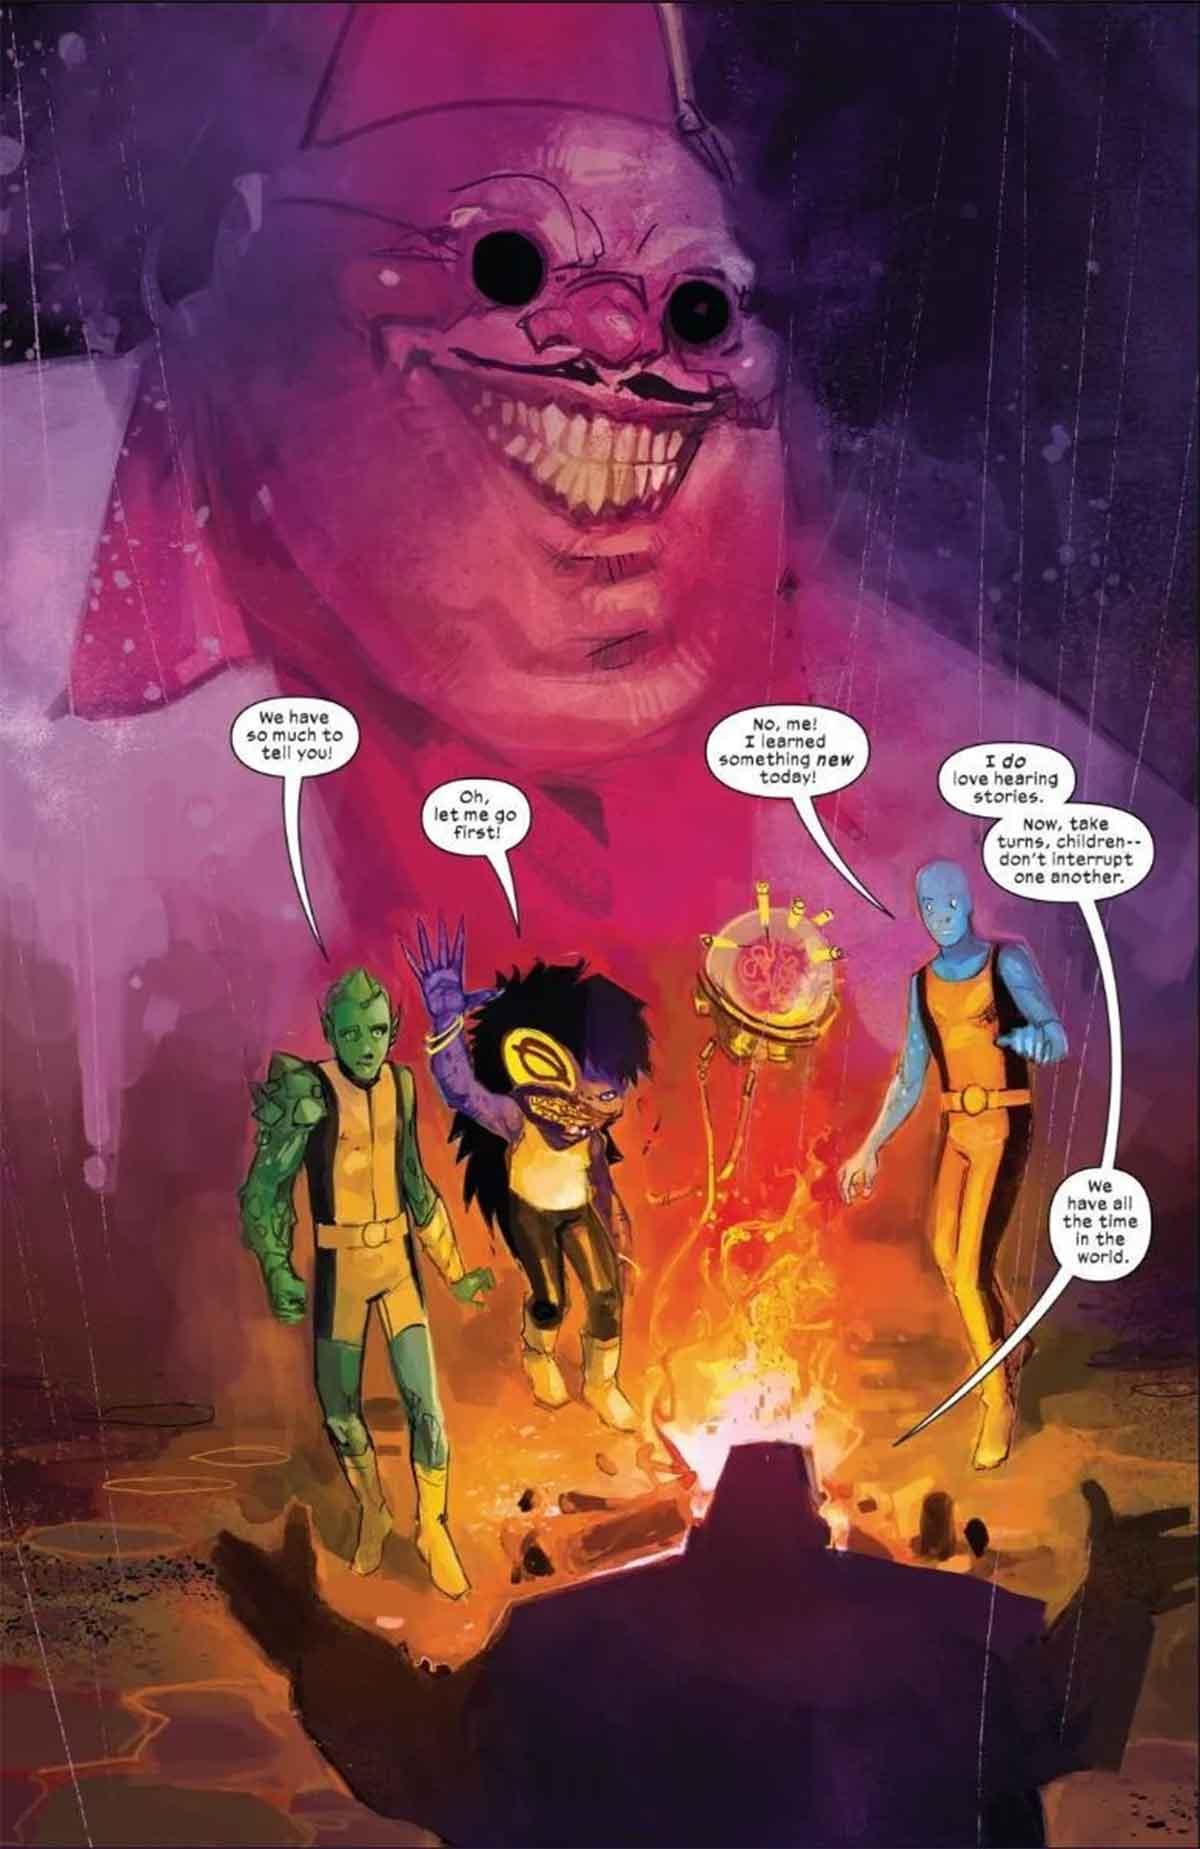 Marvel recupera uno de los villanos más poderosos de los X-Men